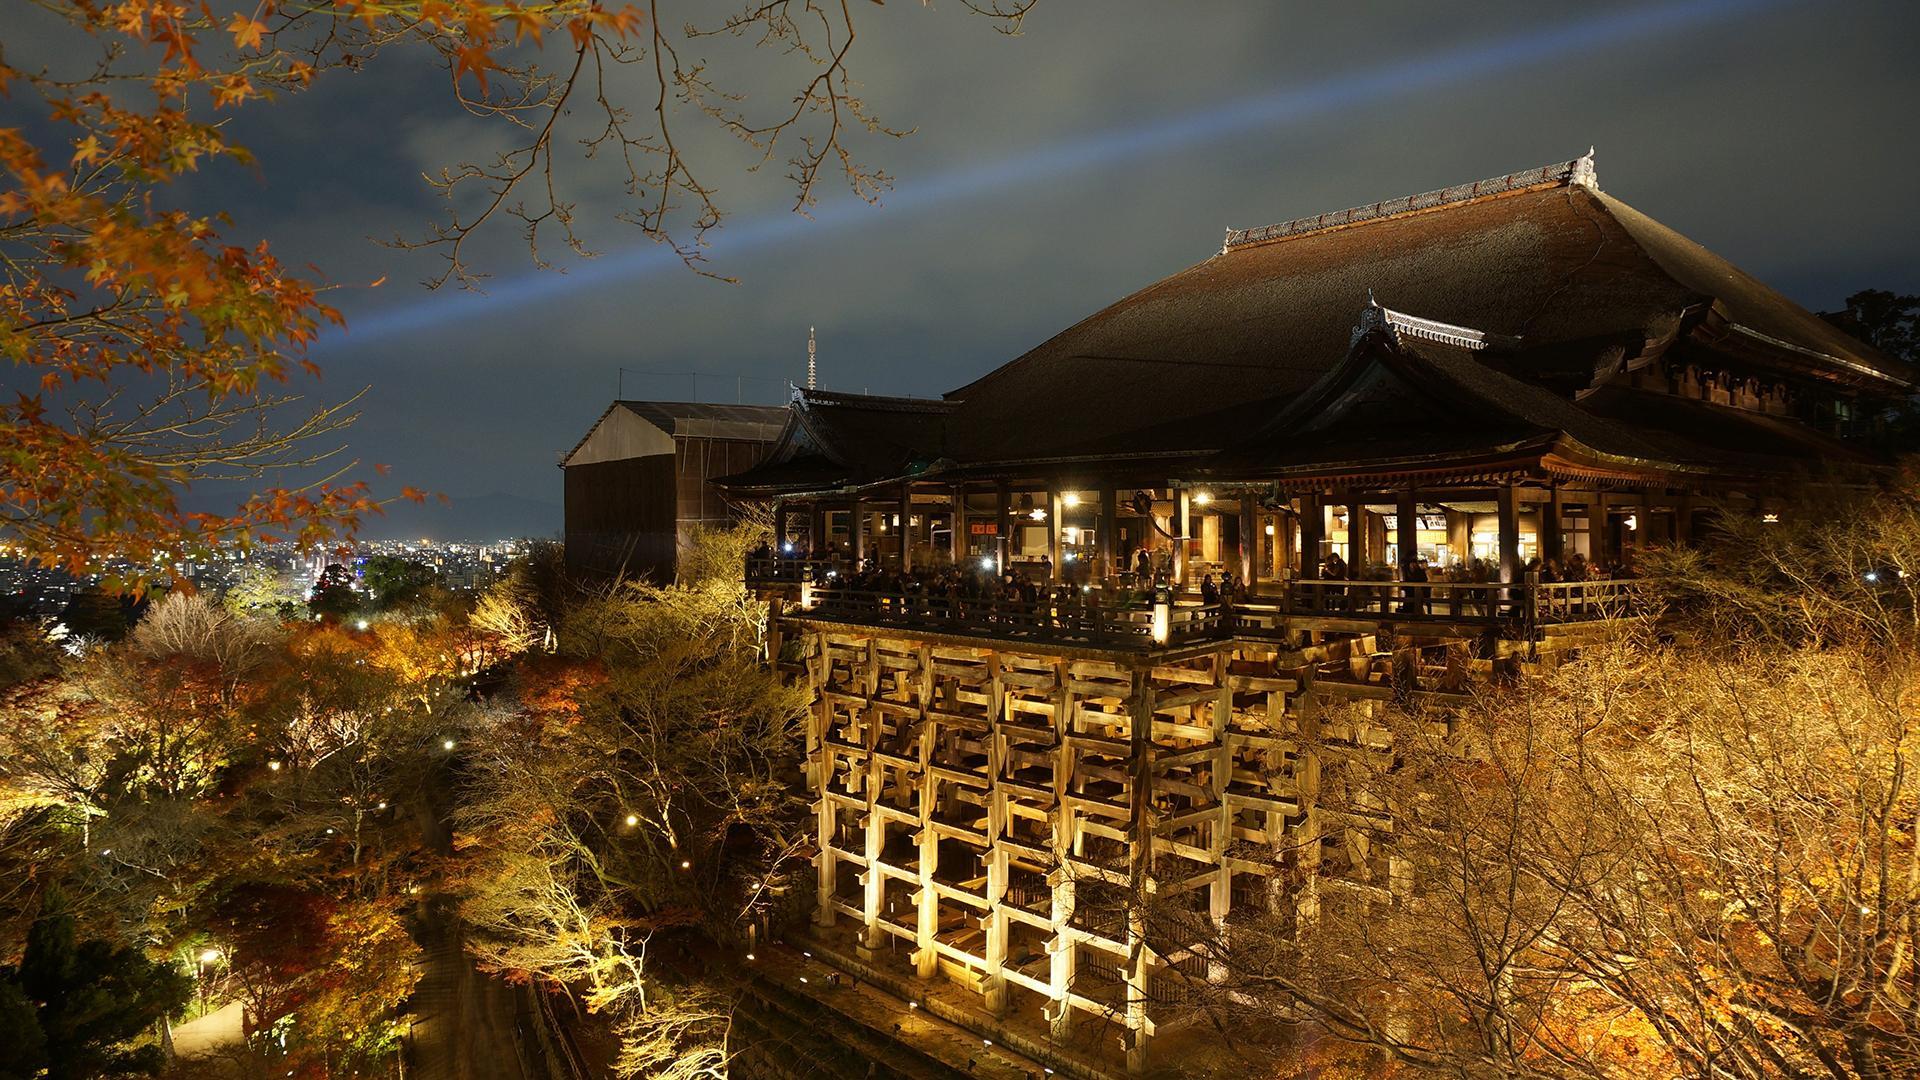 日本大阪风景图片桌面壁纸